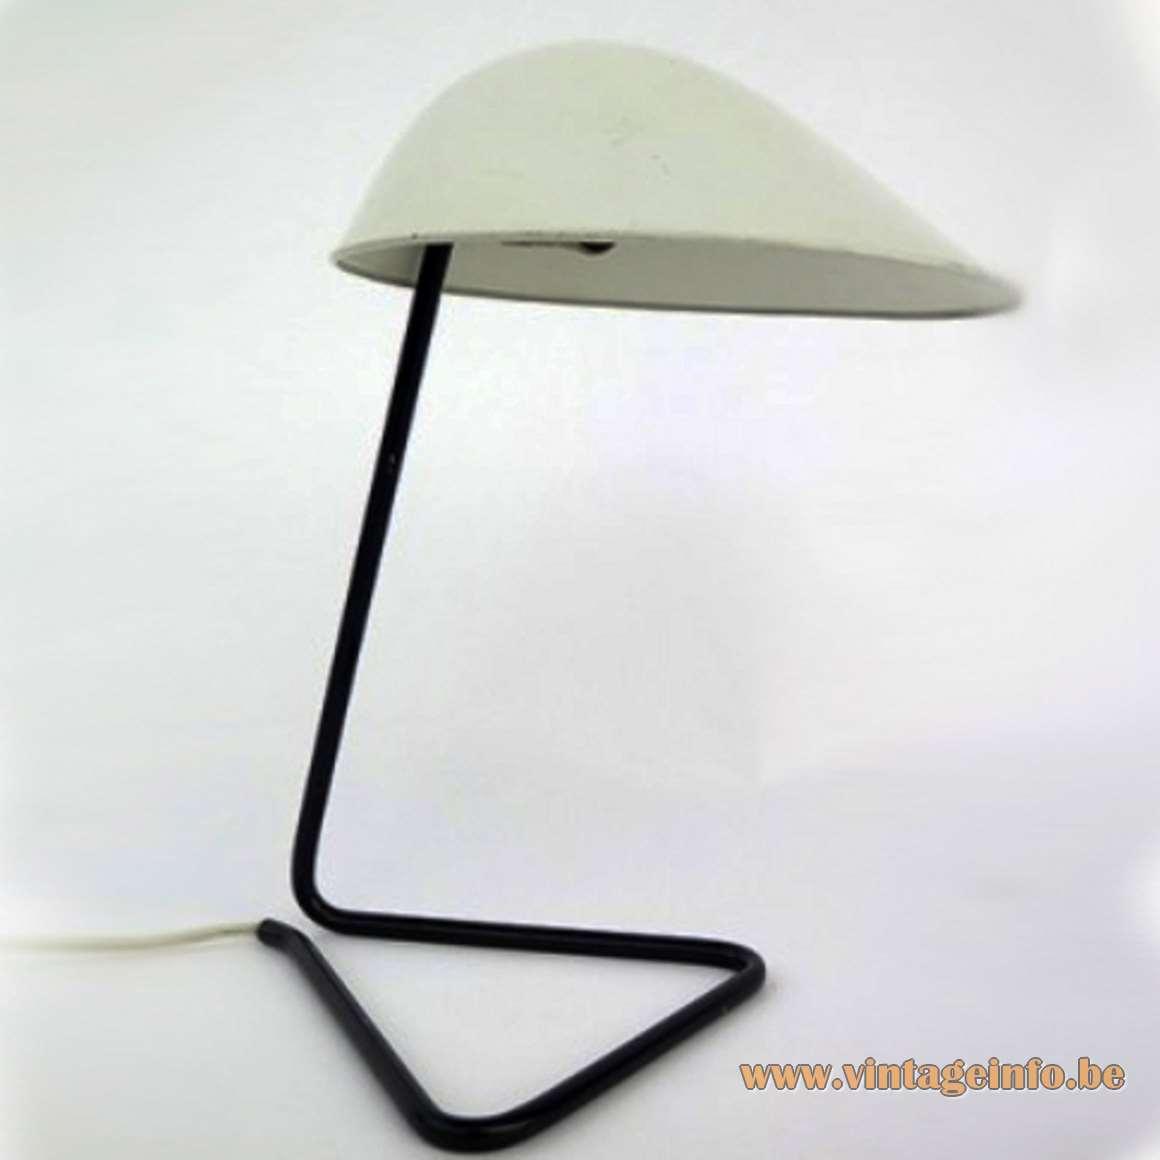 BAG Turgi Switzerland Desk or Wall Lamp 1950s